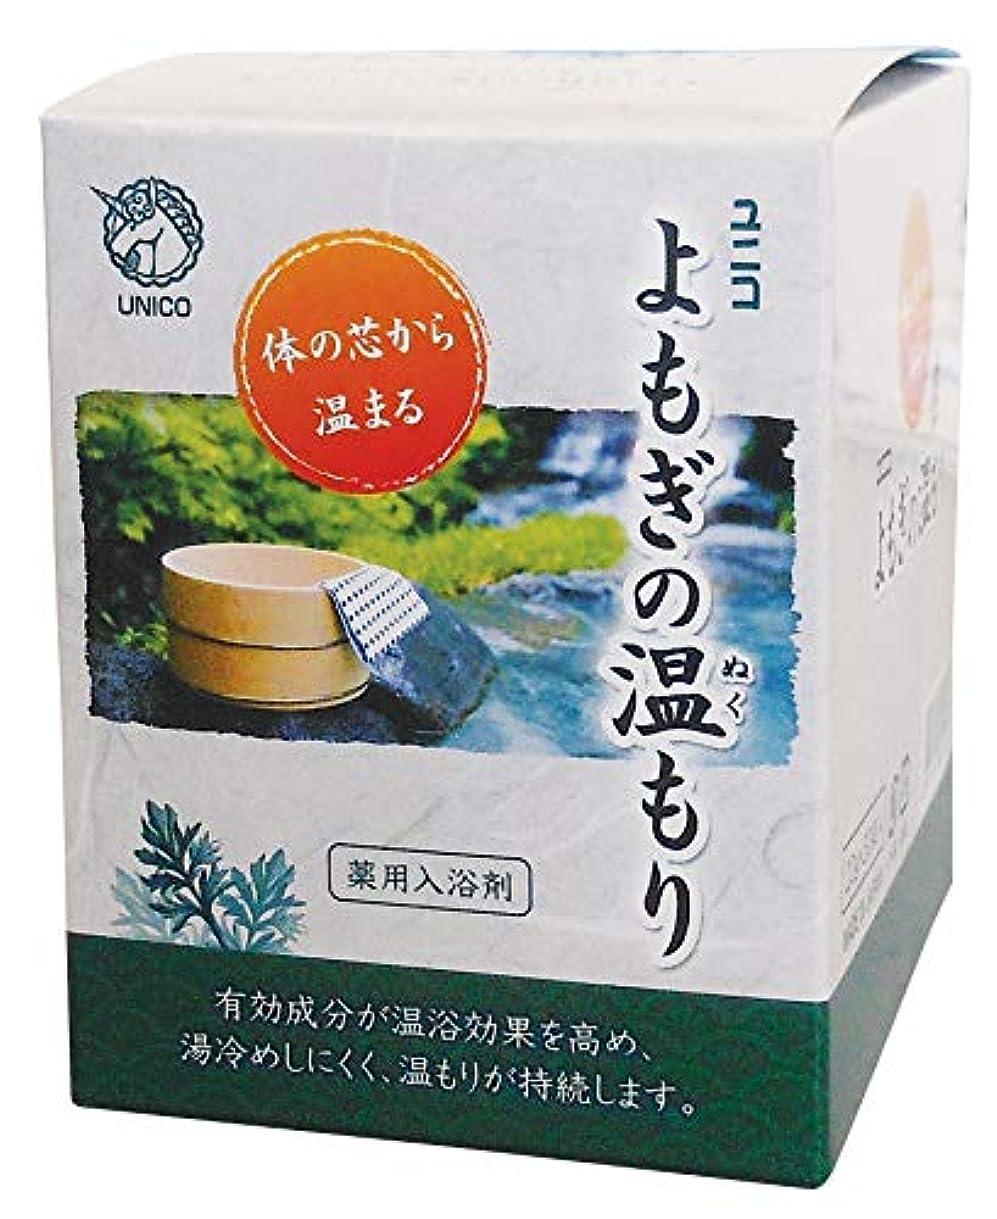 全国密輸すきユニコ 薬用入浴剤 よもぎの温もり 20g×30袋入